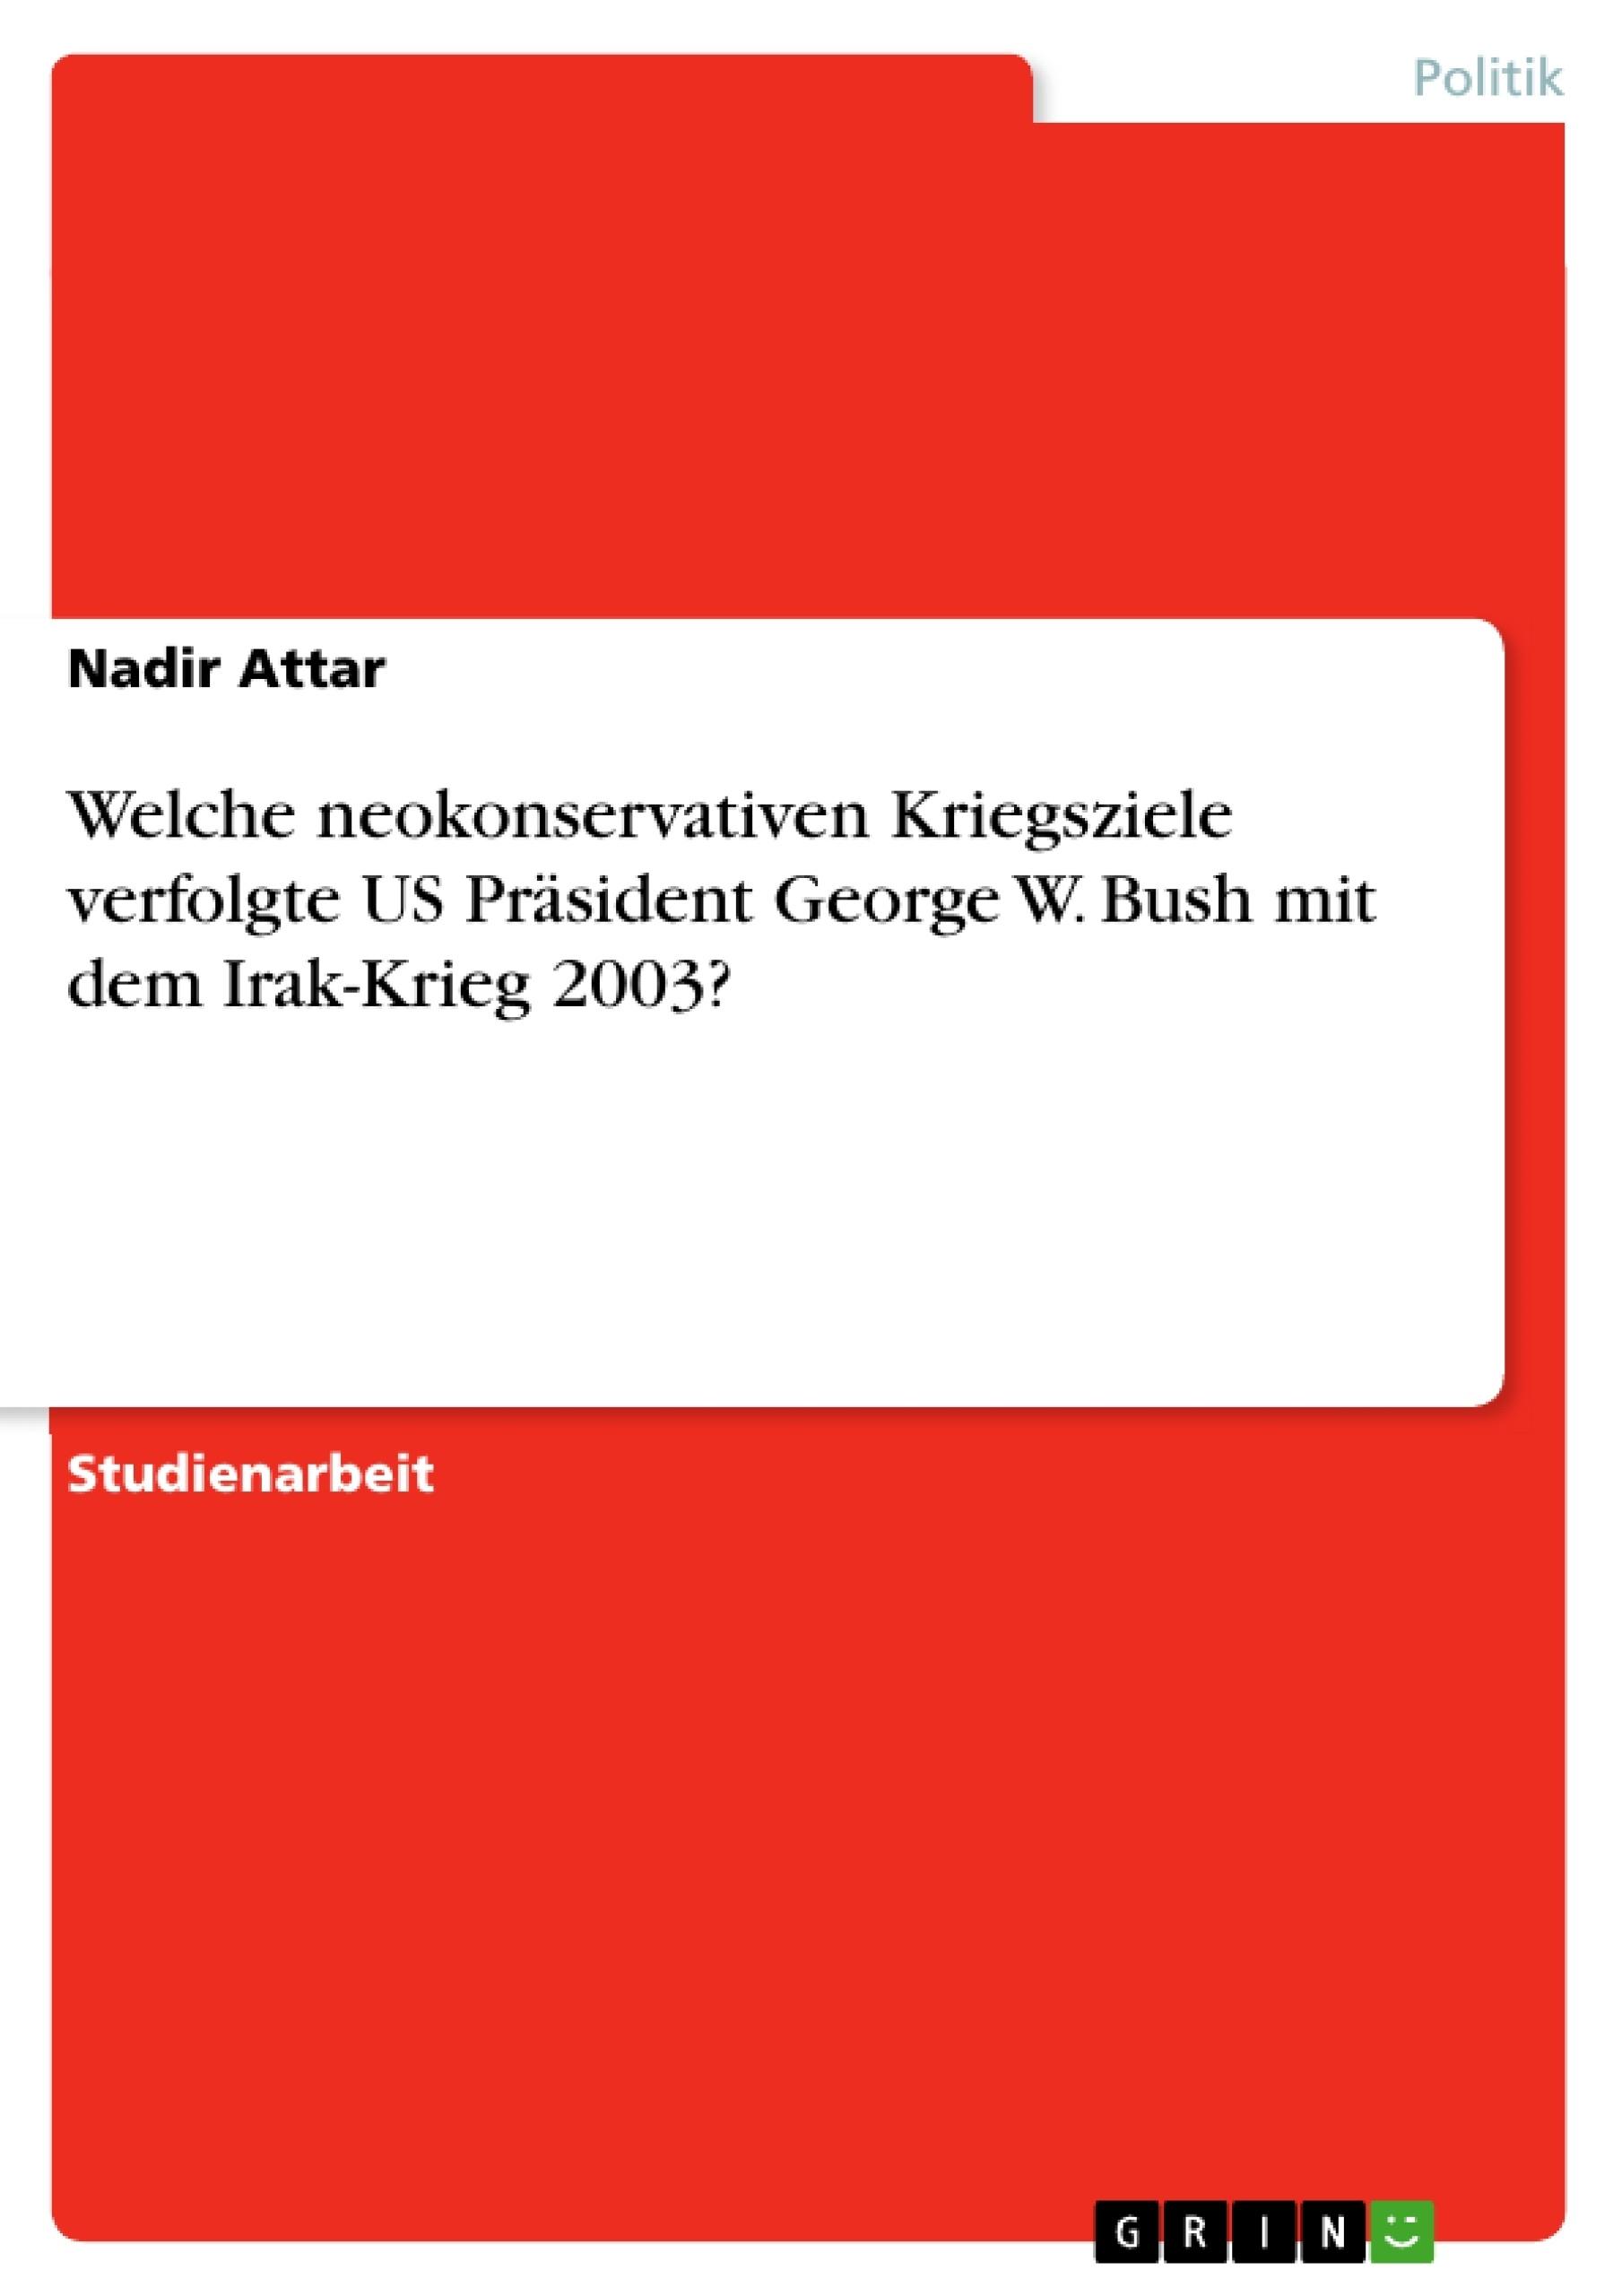 Titel: Welche neokonservativen Kriegsziele verfolgte US Präsident George W. Bush mit dem Irak-Krieg 2003?